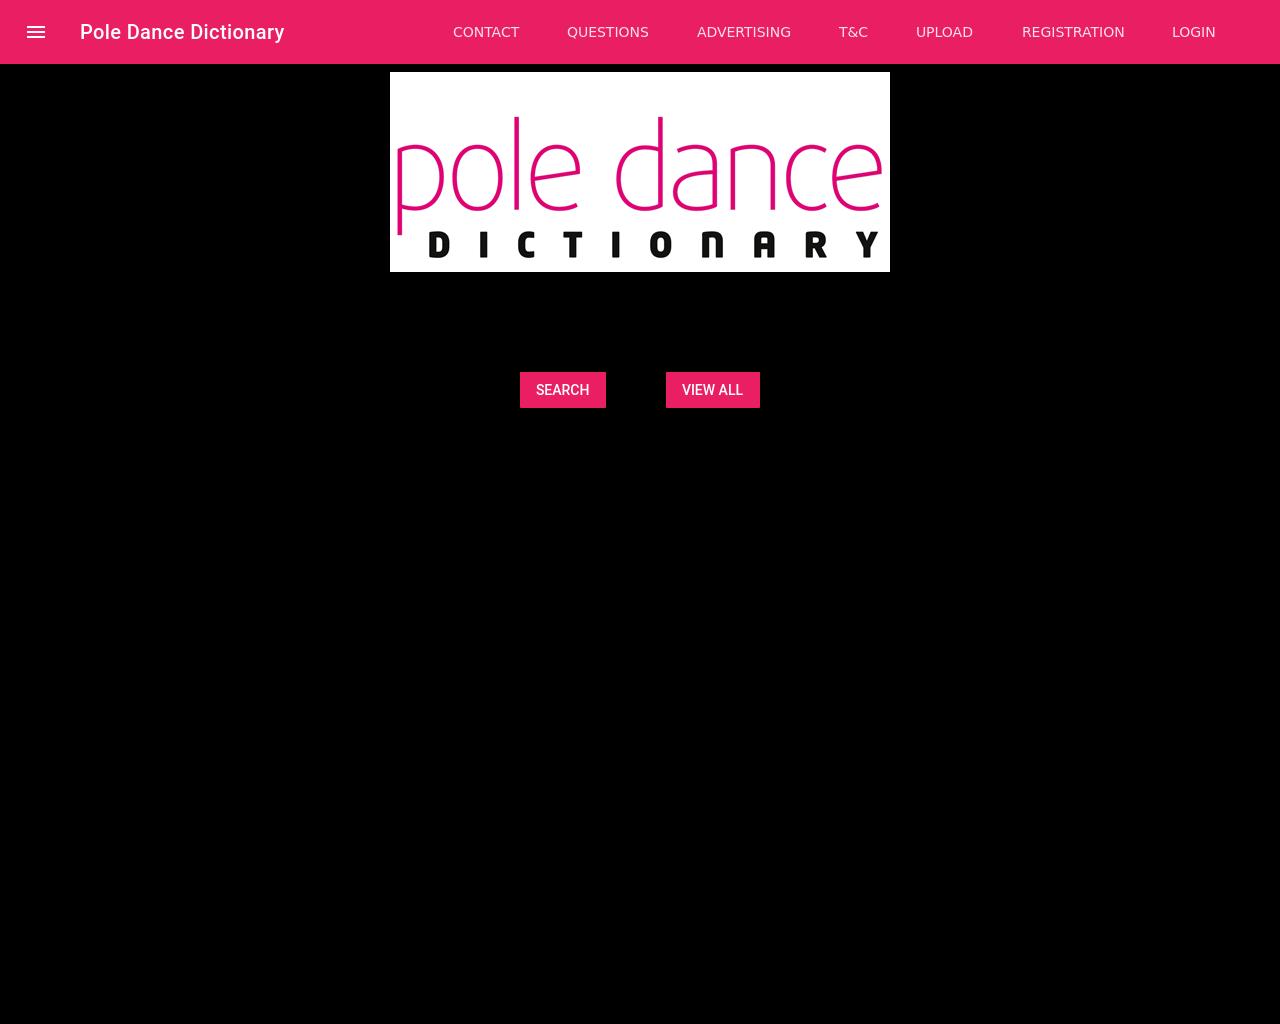 Poledancedictionary.com-Advertising-Reviews-Pricing